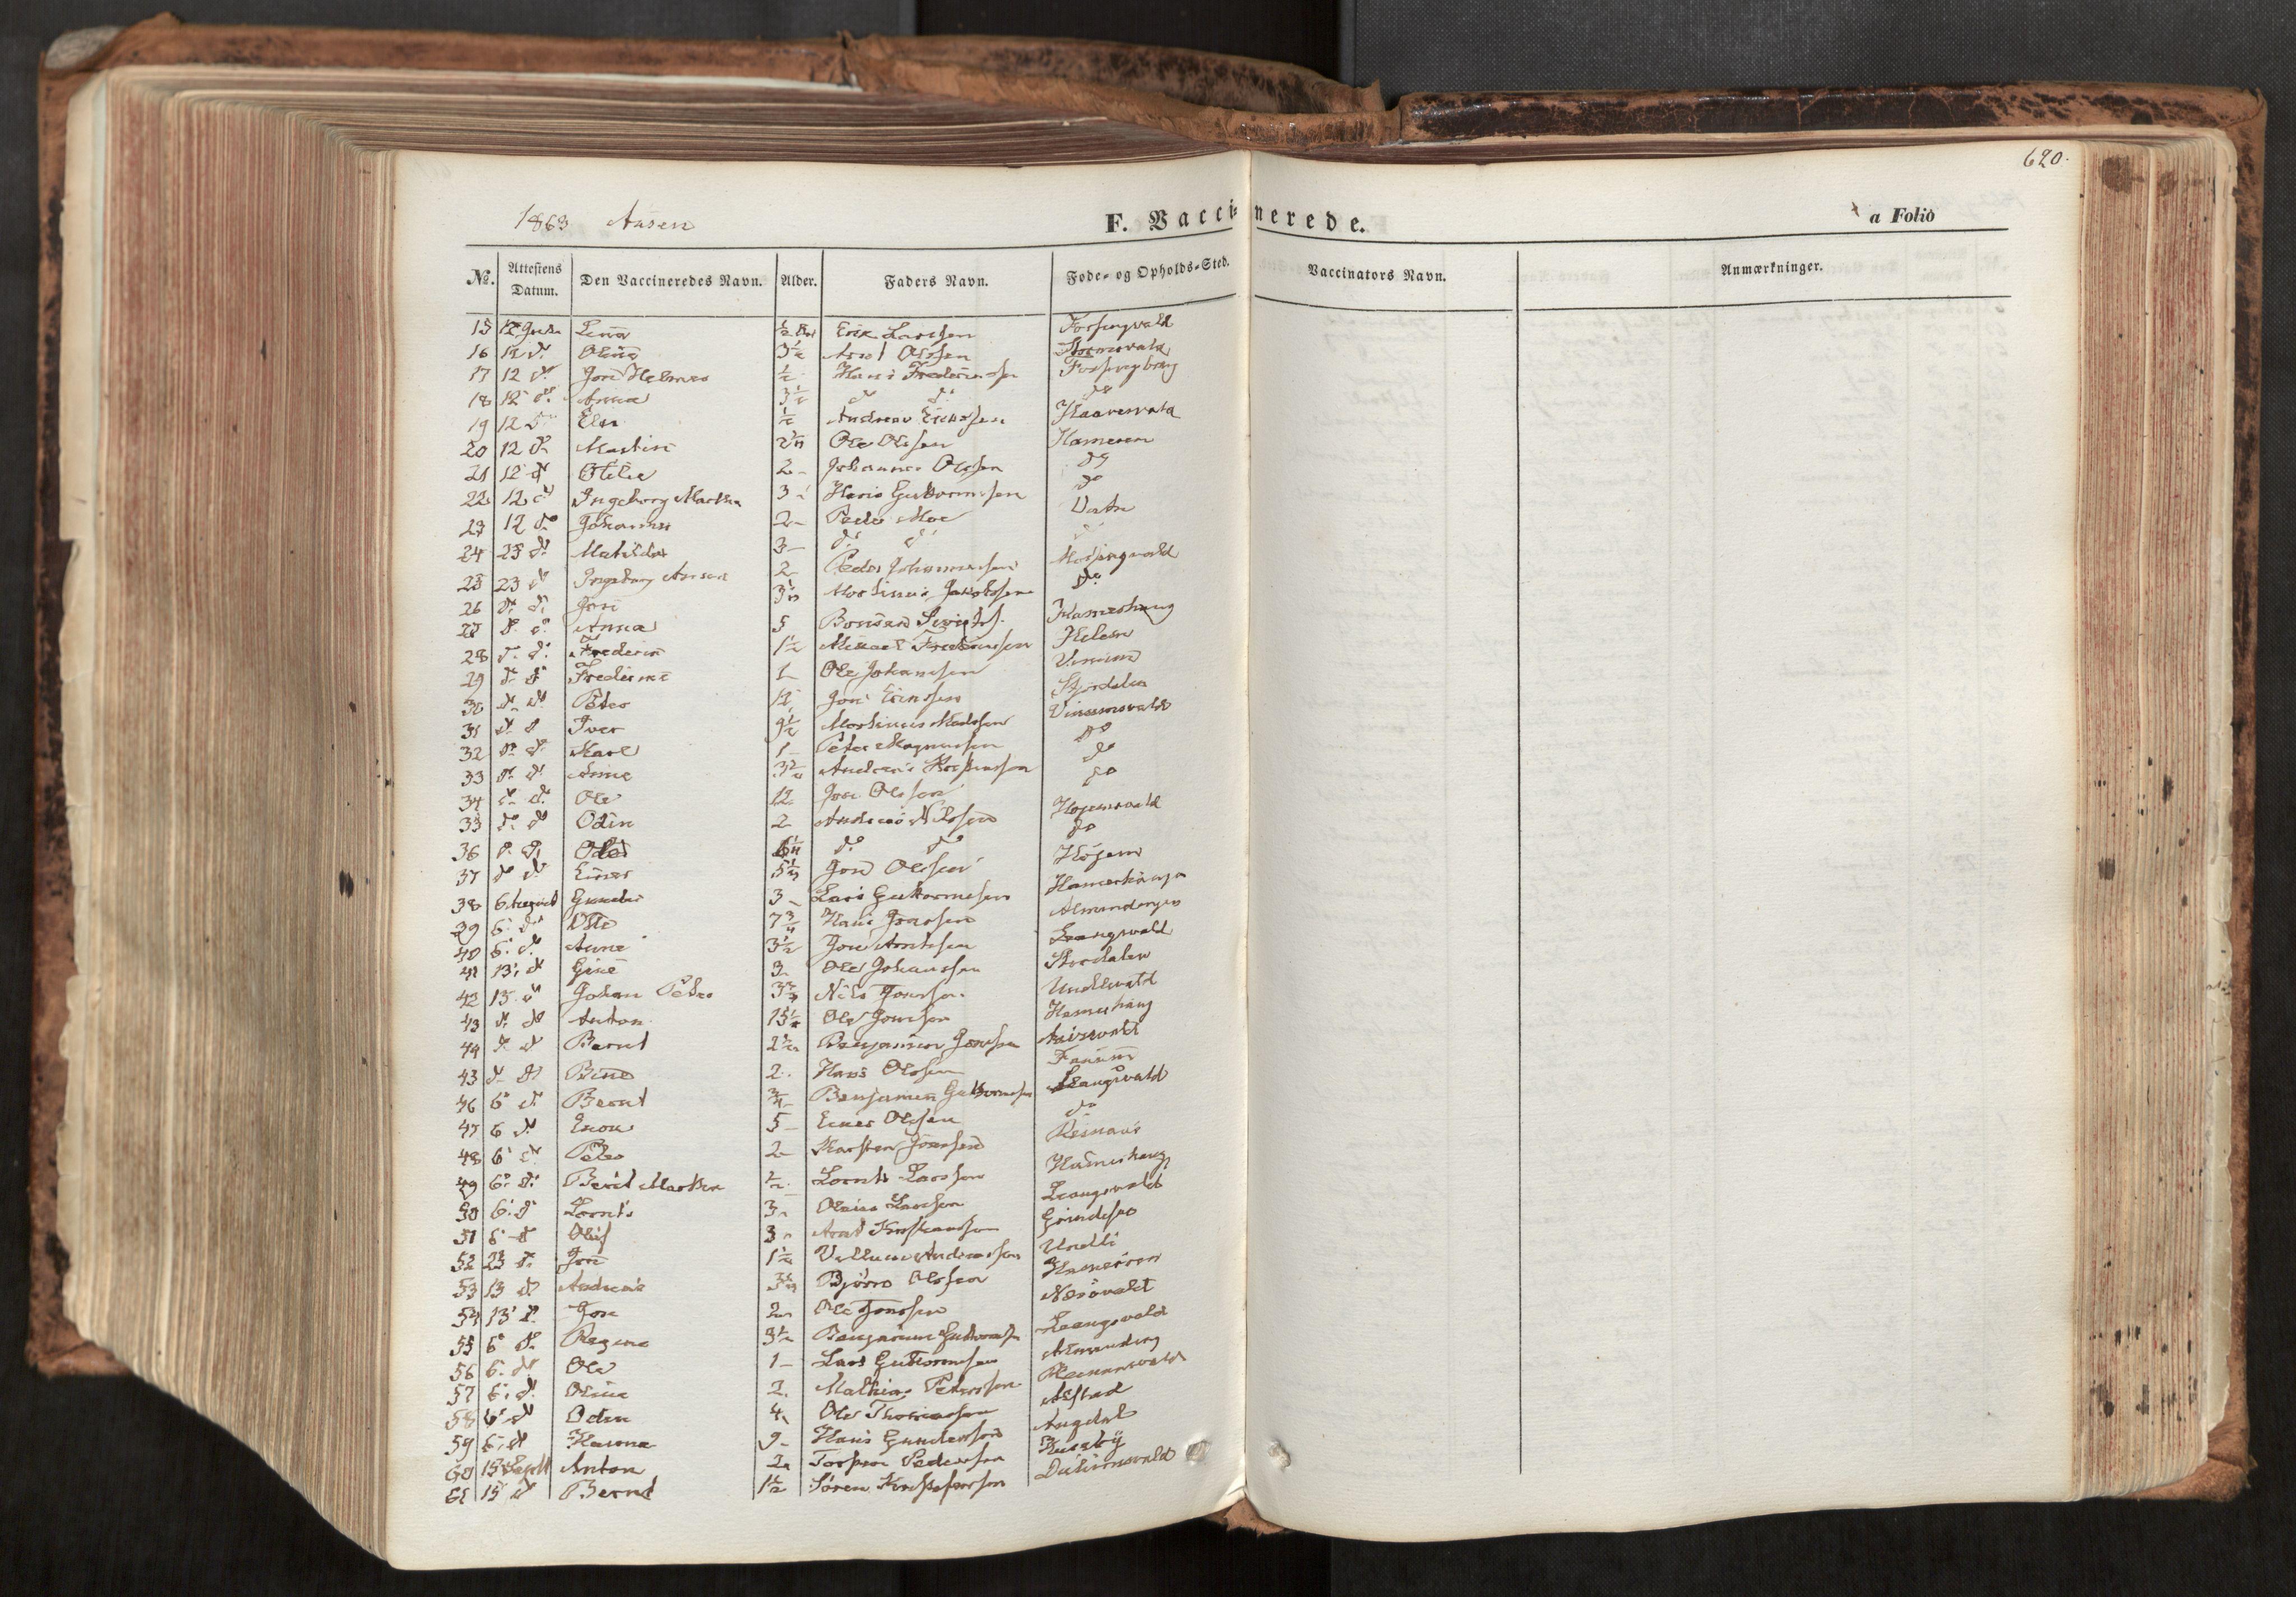 SAT, Ministerialprotokoller, klokkerbøker og fødselsregistre - Nord-Trøndelag, 713/L0116: Ministerialbok nr. 713A07, 1850-1877, s. 620